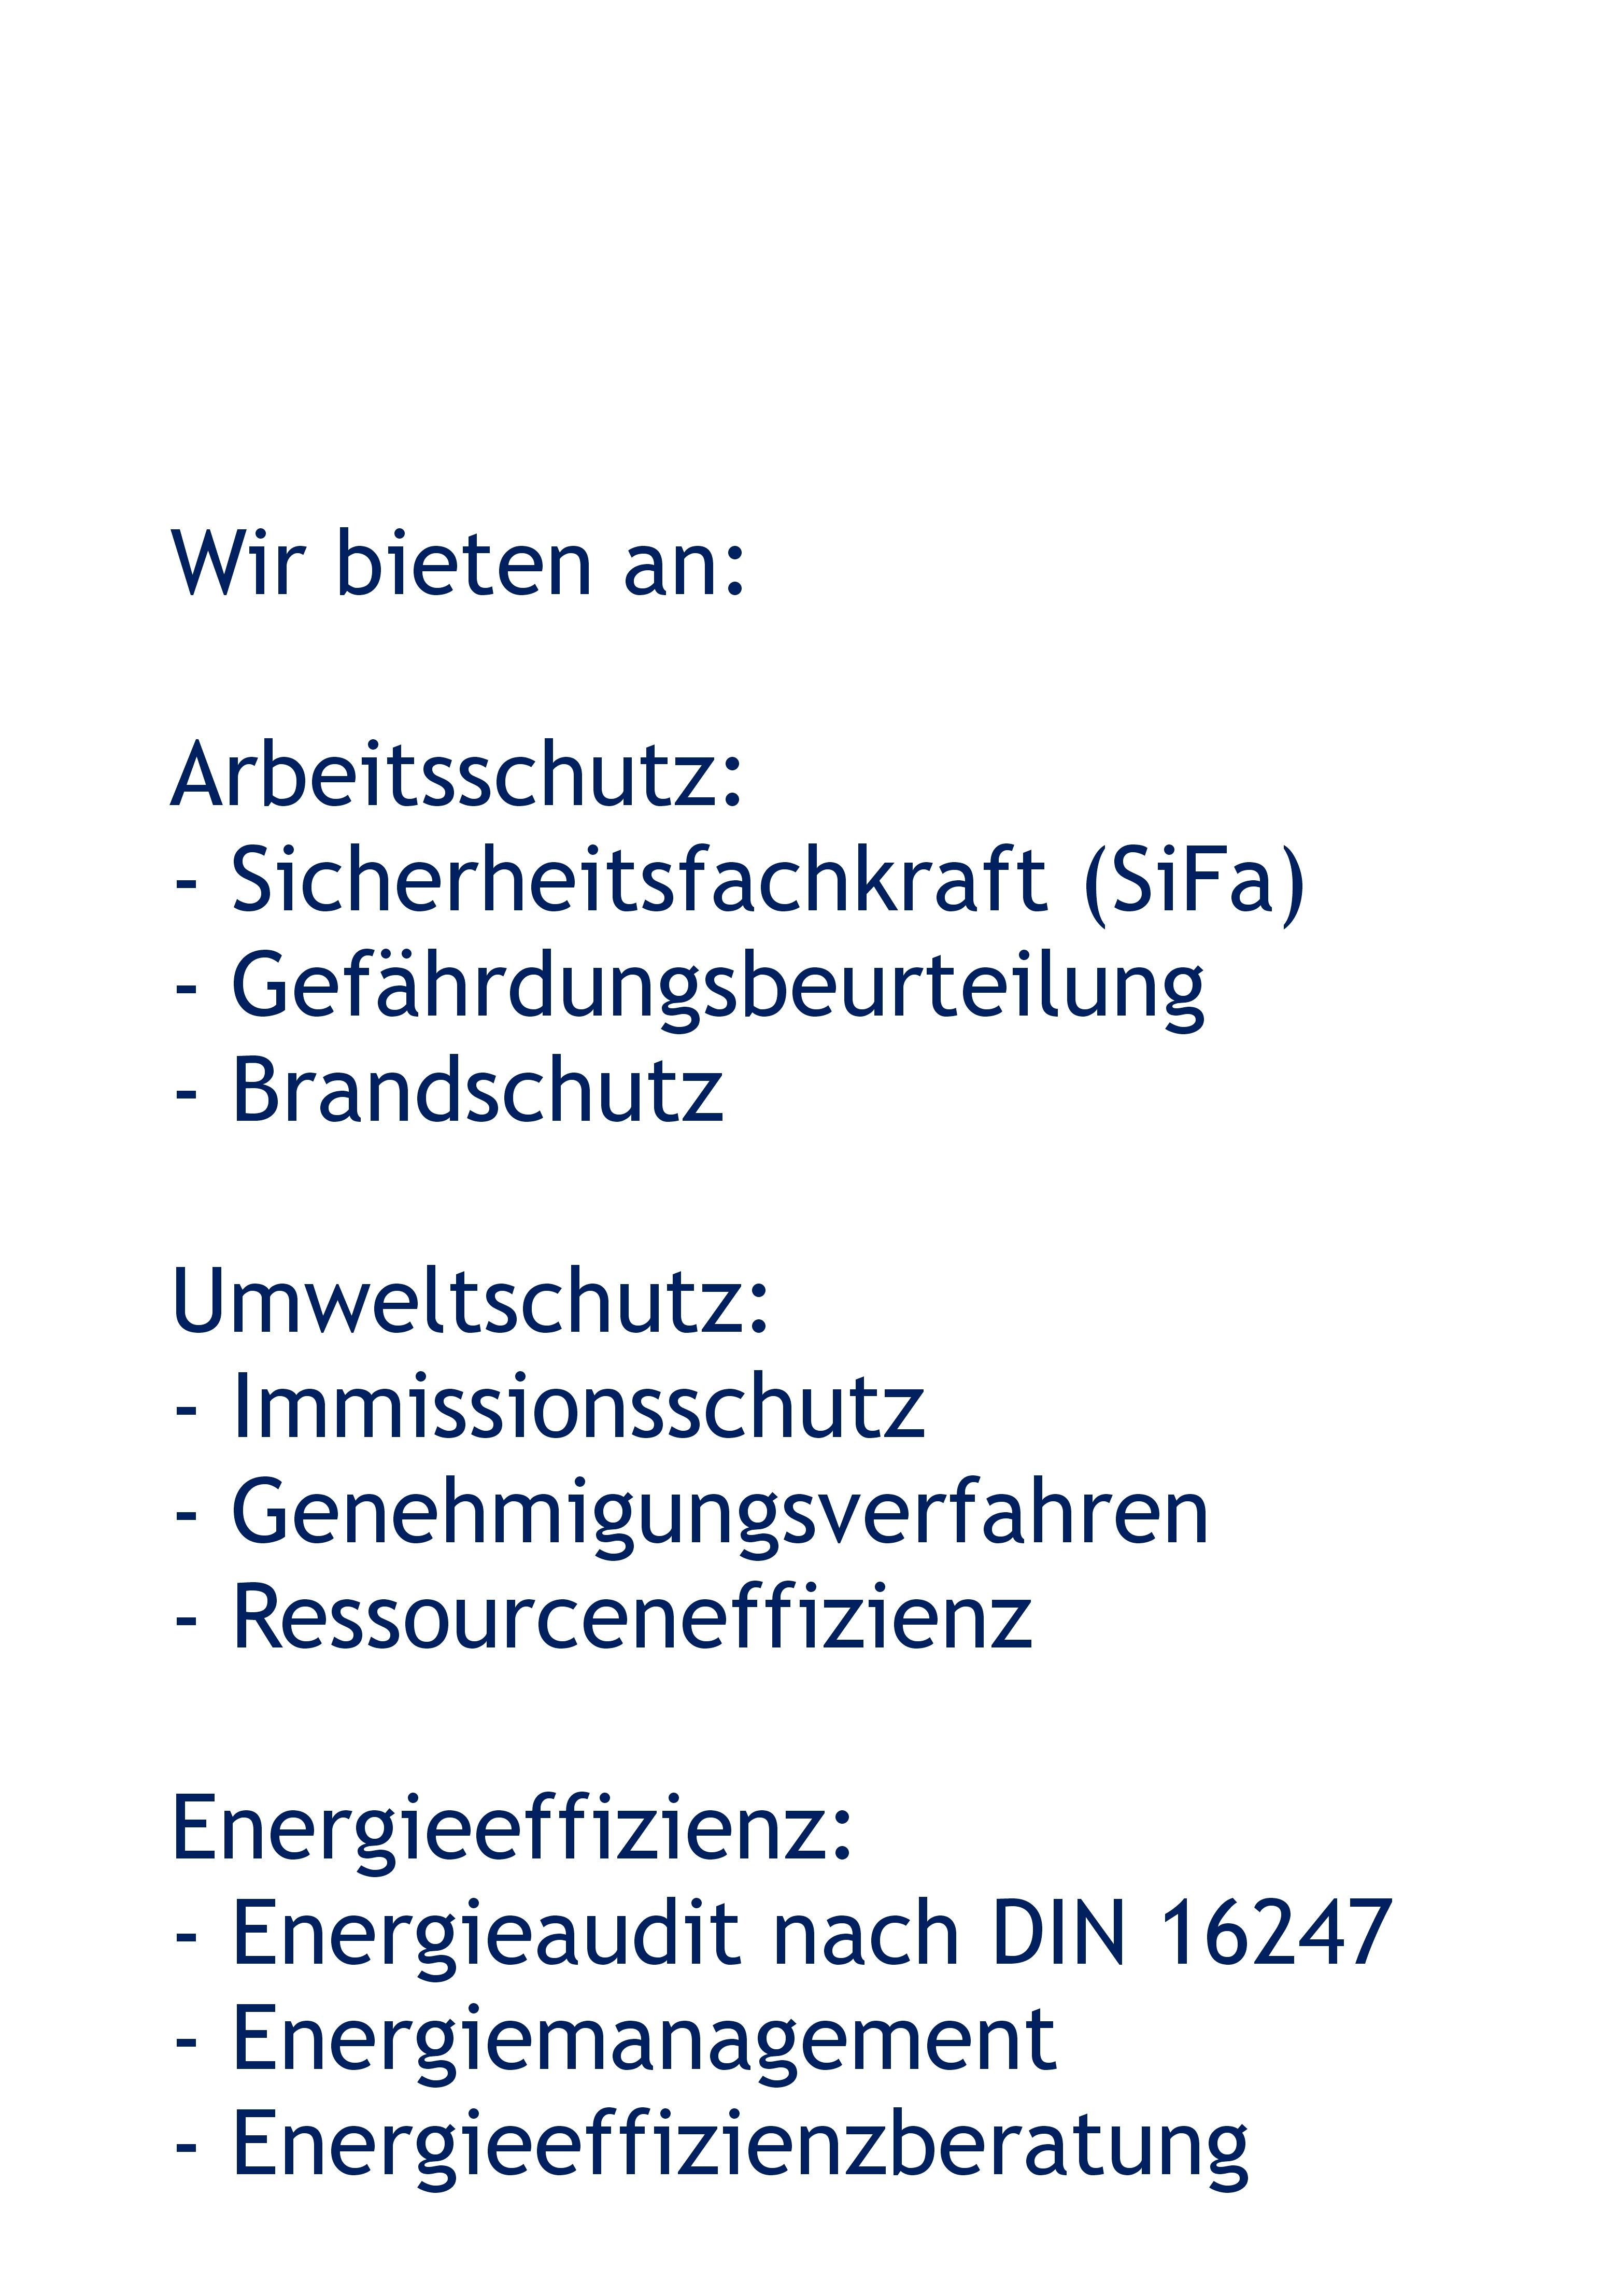 http://www.enviro-net.de/wp-content/uploads/2015/11/Widget_Start_neu-2.jpg